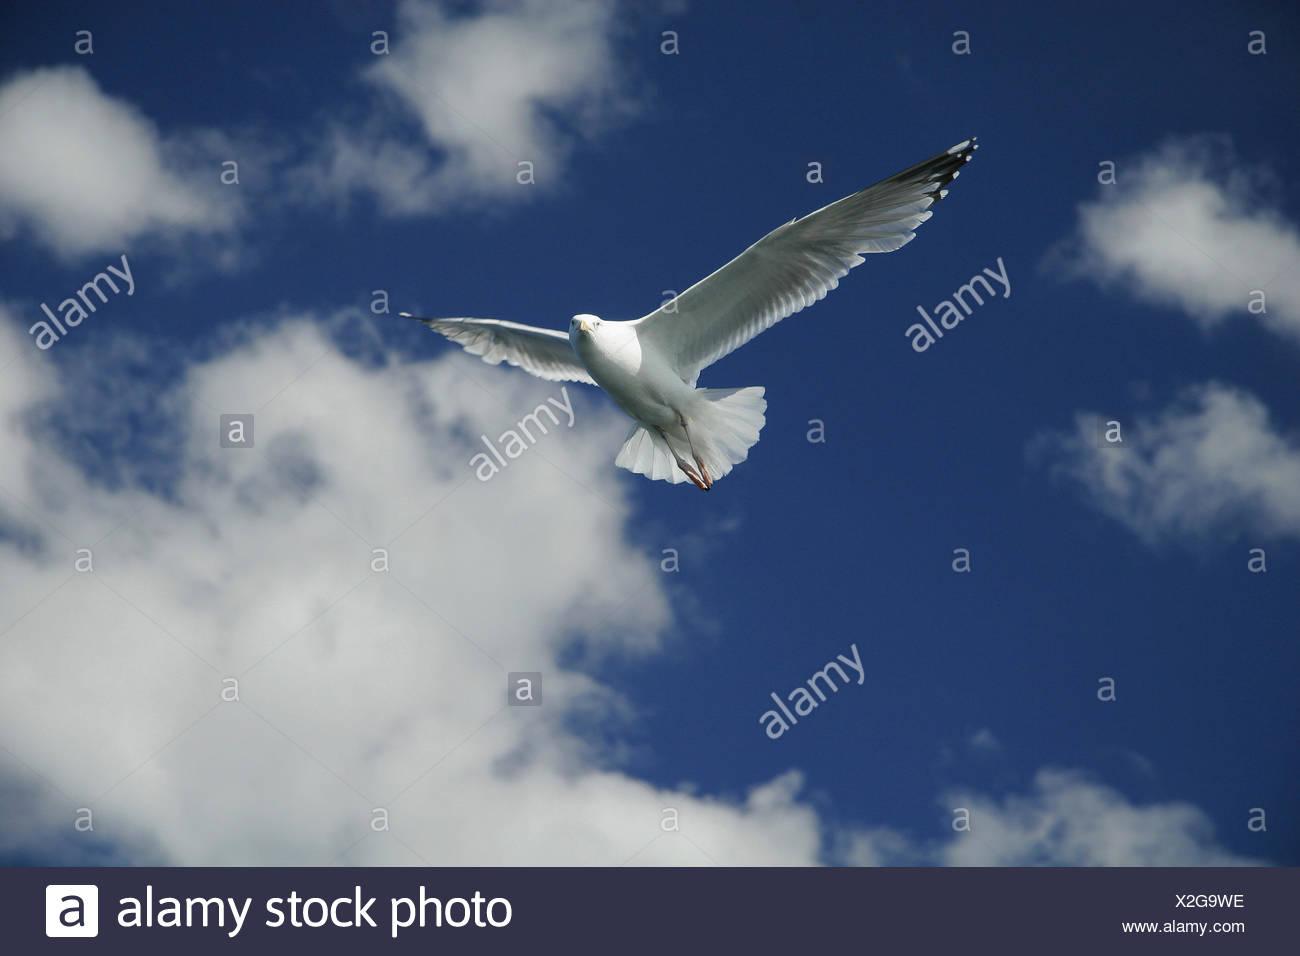 Norwegen, Norge, Norway, Mittelnorwegen, Europa, Insel Hitra, blauer, Himmel, fliegen, Flug, Moewe, Moewen, Skandinavien, Voegel - Stock Image